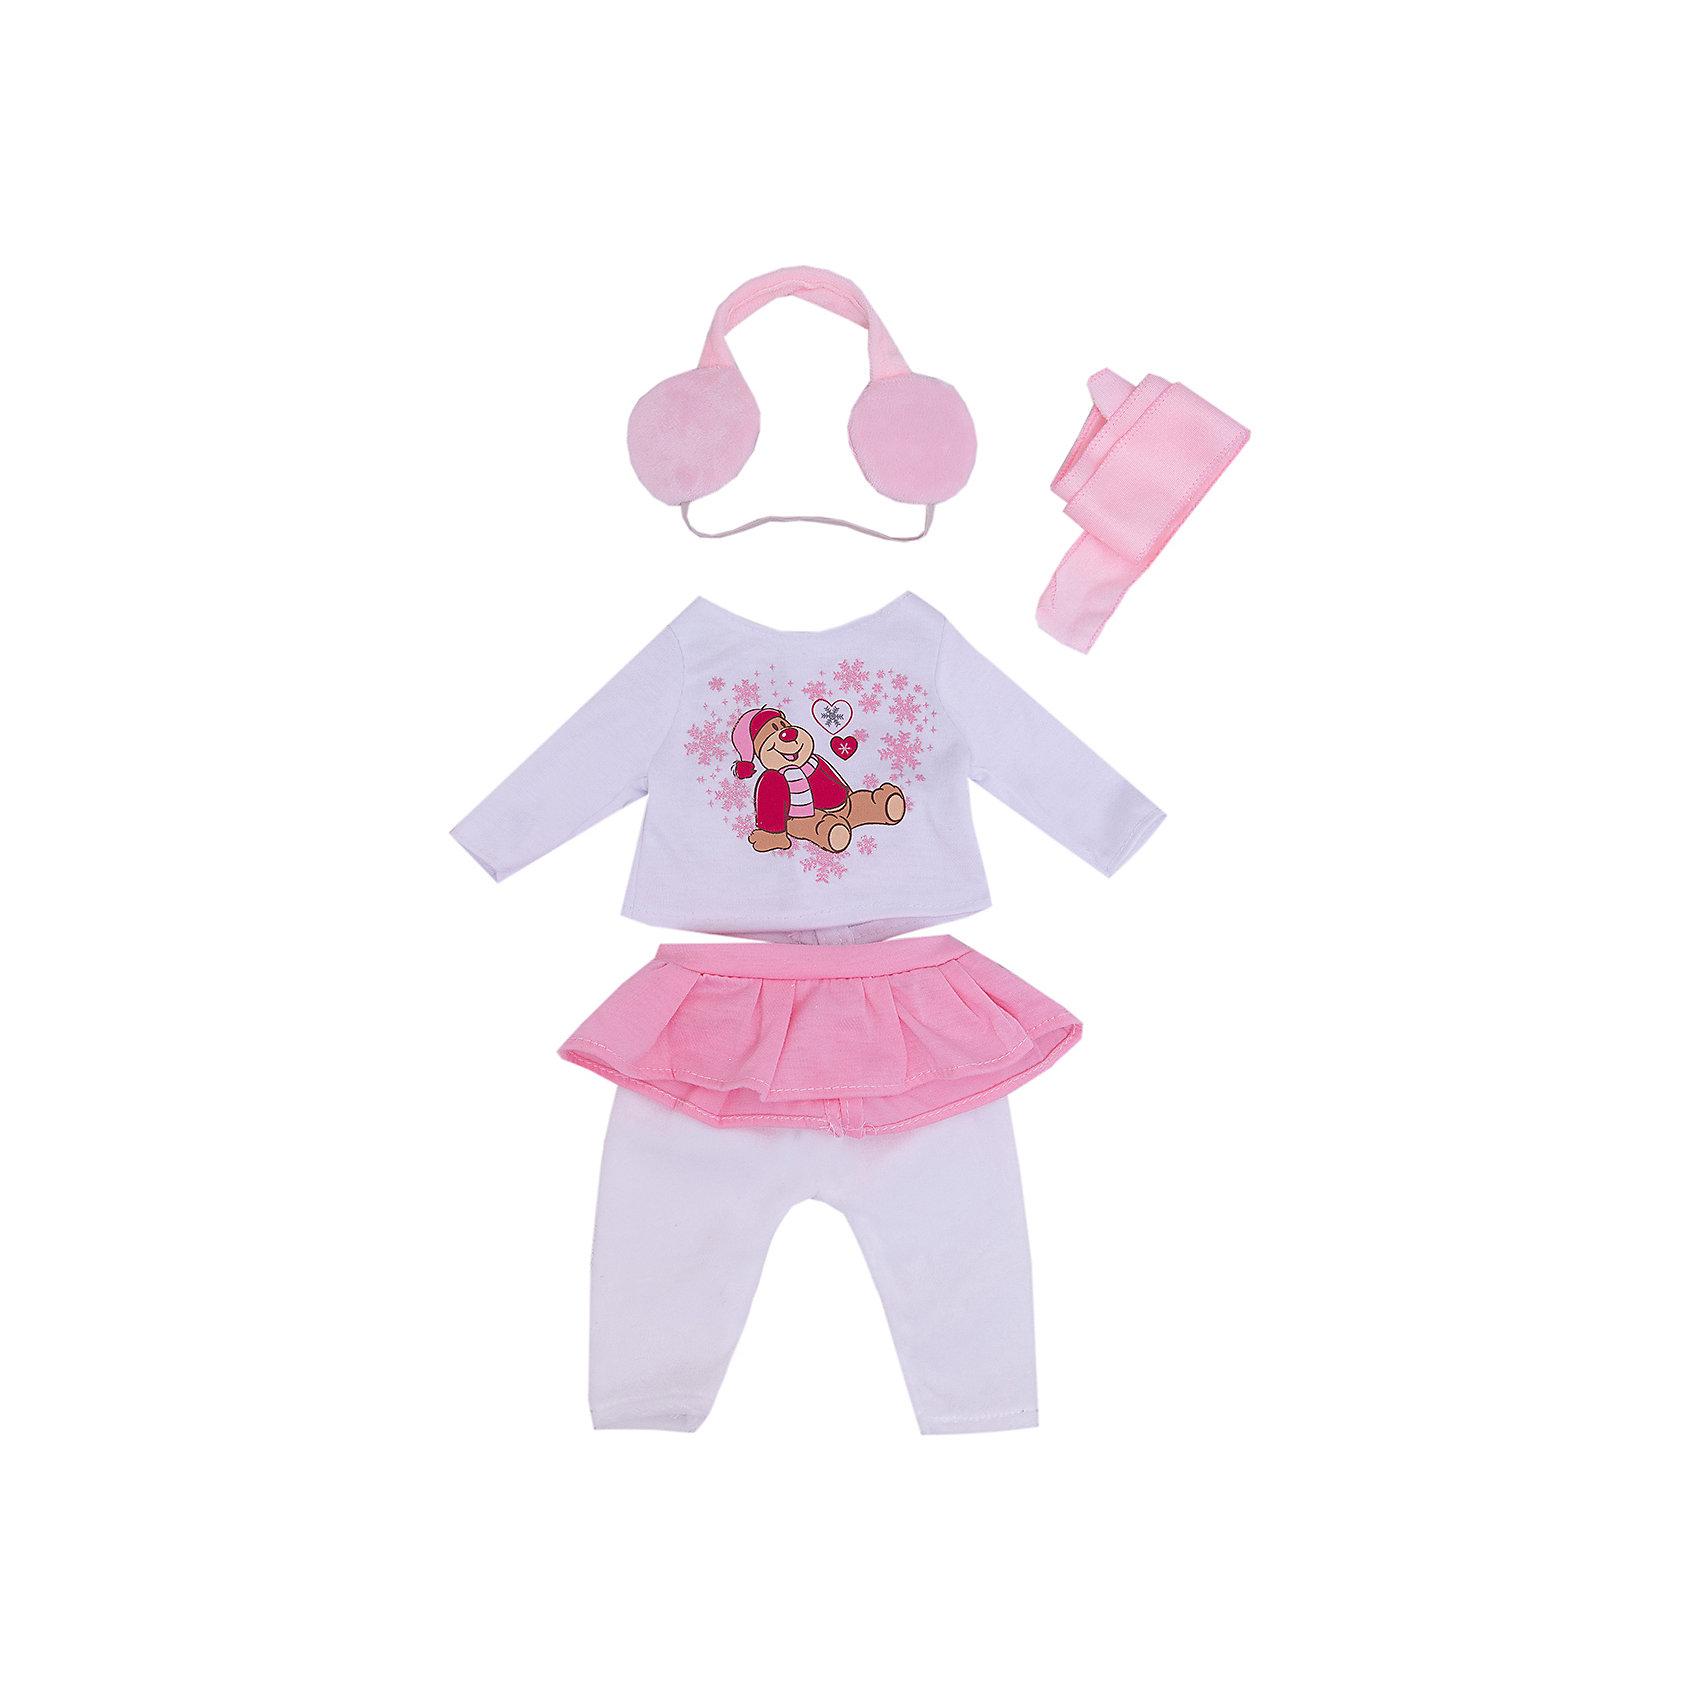 Одежда для кукол Кофточка, штаны, шарф, головной убор, наушникиОдежда для кукол: кофточка, штаны, шарф, головной убор наушники, размер: 30x20см, текстильные материалы, от 1 года<br><br>Ширина мм: 300<br>Глубина мм: 200<br>Высота мм: 10<br>Вес г: 521<br>Возраст от месяцев: 36<br>Возраст до месяцев: 144<br>Пол: Женский<br>Возраст: Детский<br>SKU: 4896507